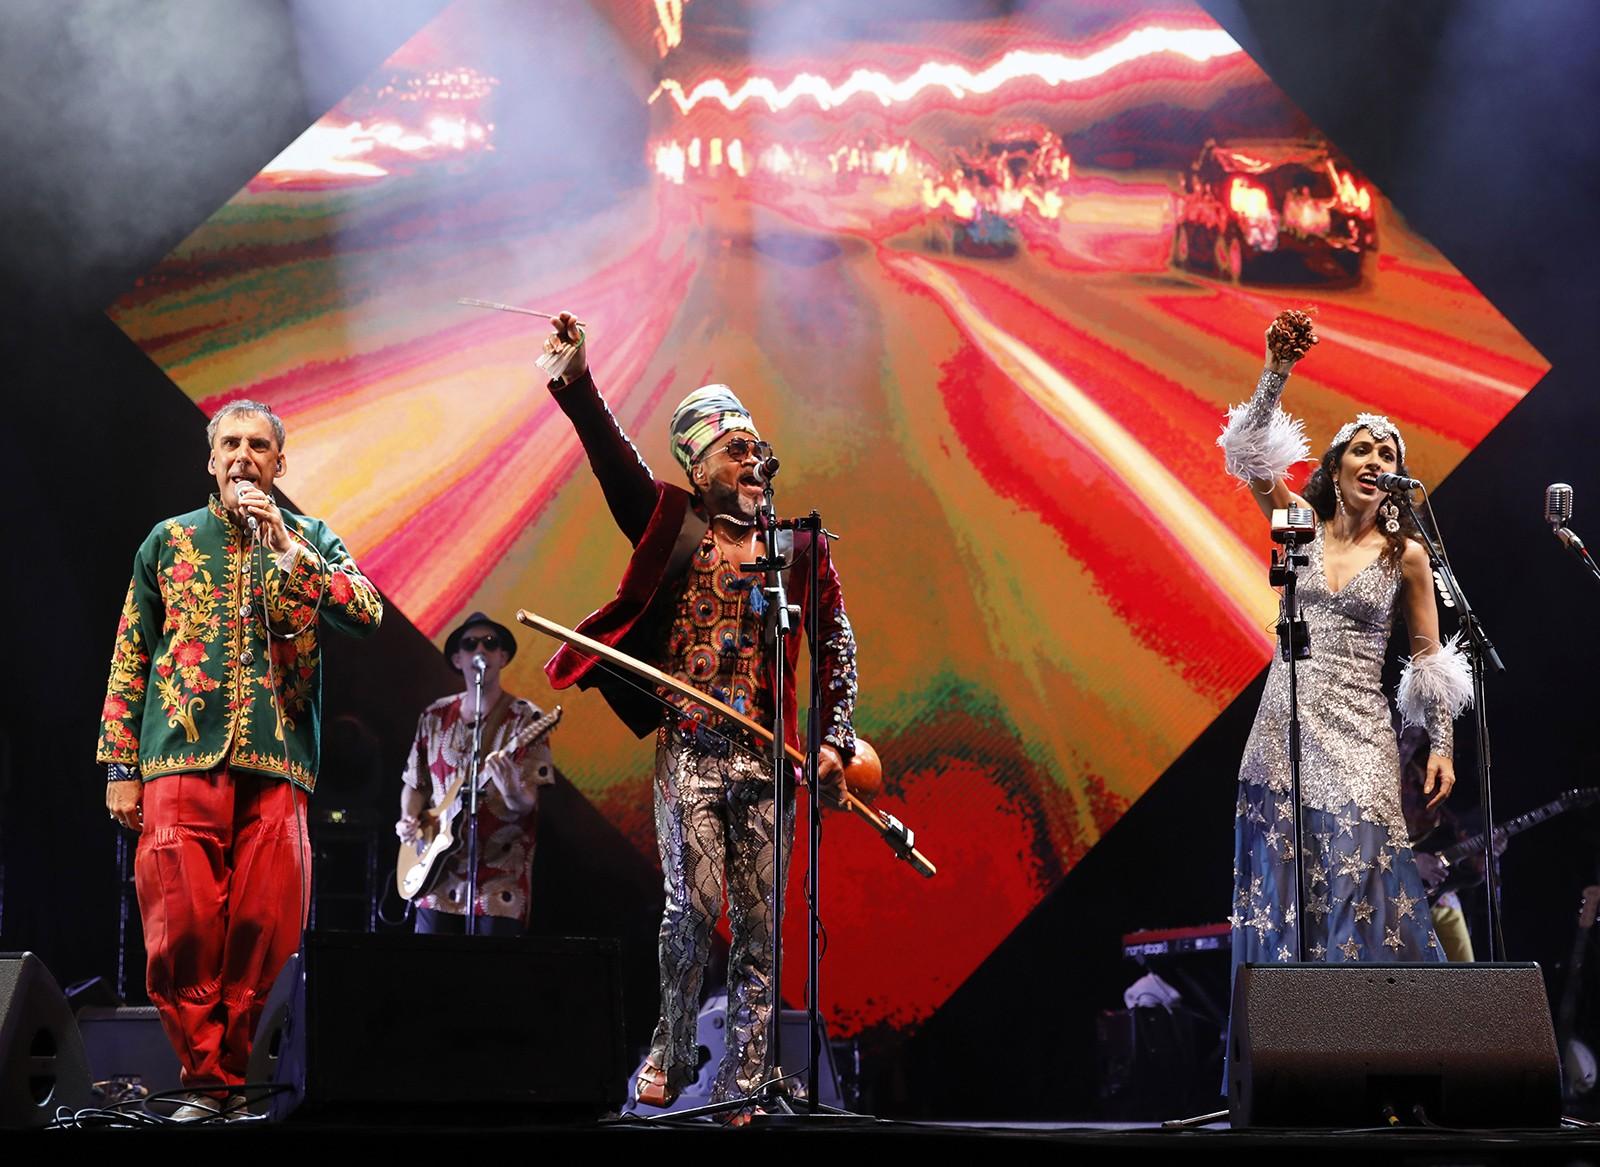 Tribalistas gravam shows da turnê que percorre o Brasil sem confirmar edição de DVD 2